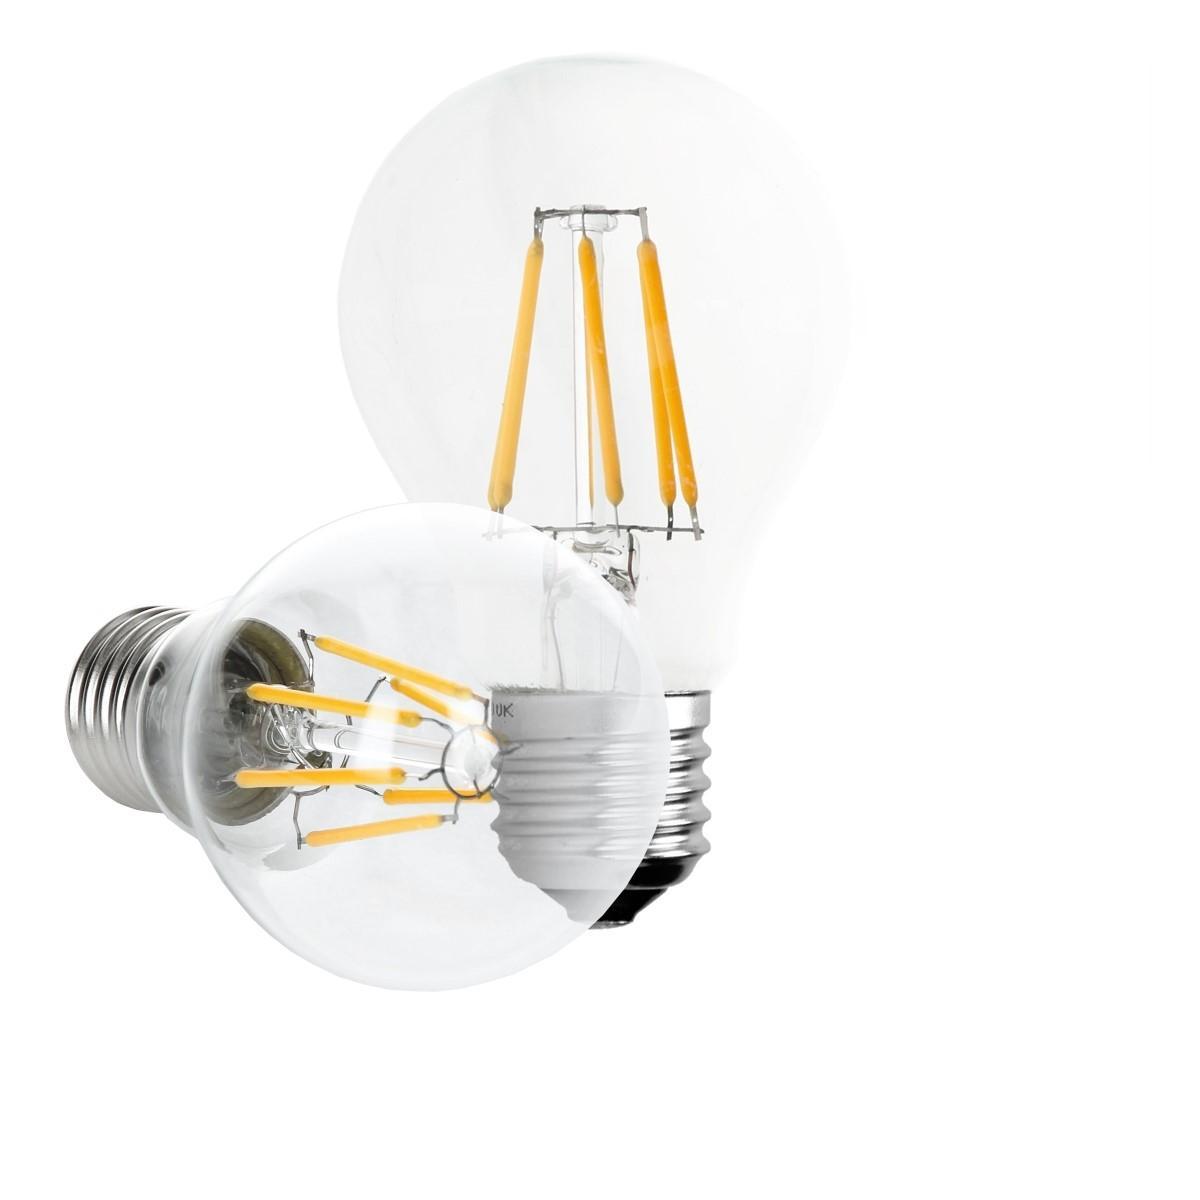 Ecd Germany ECD Germany 6 x LED Filament de l'ampoule E27 classique Edison 6W 612 lumens angle de faisceau 120 ° AC 220-240 reste ca